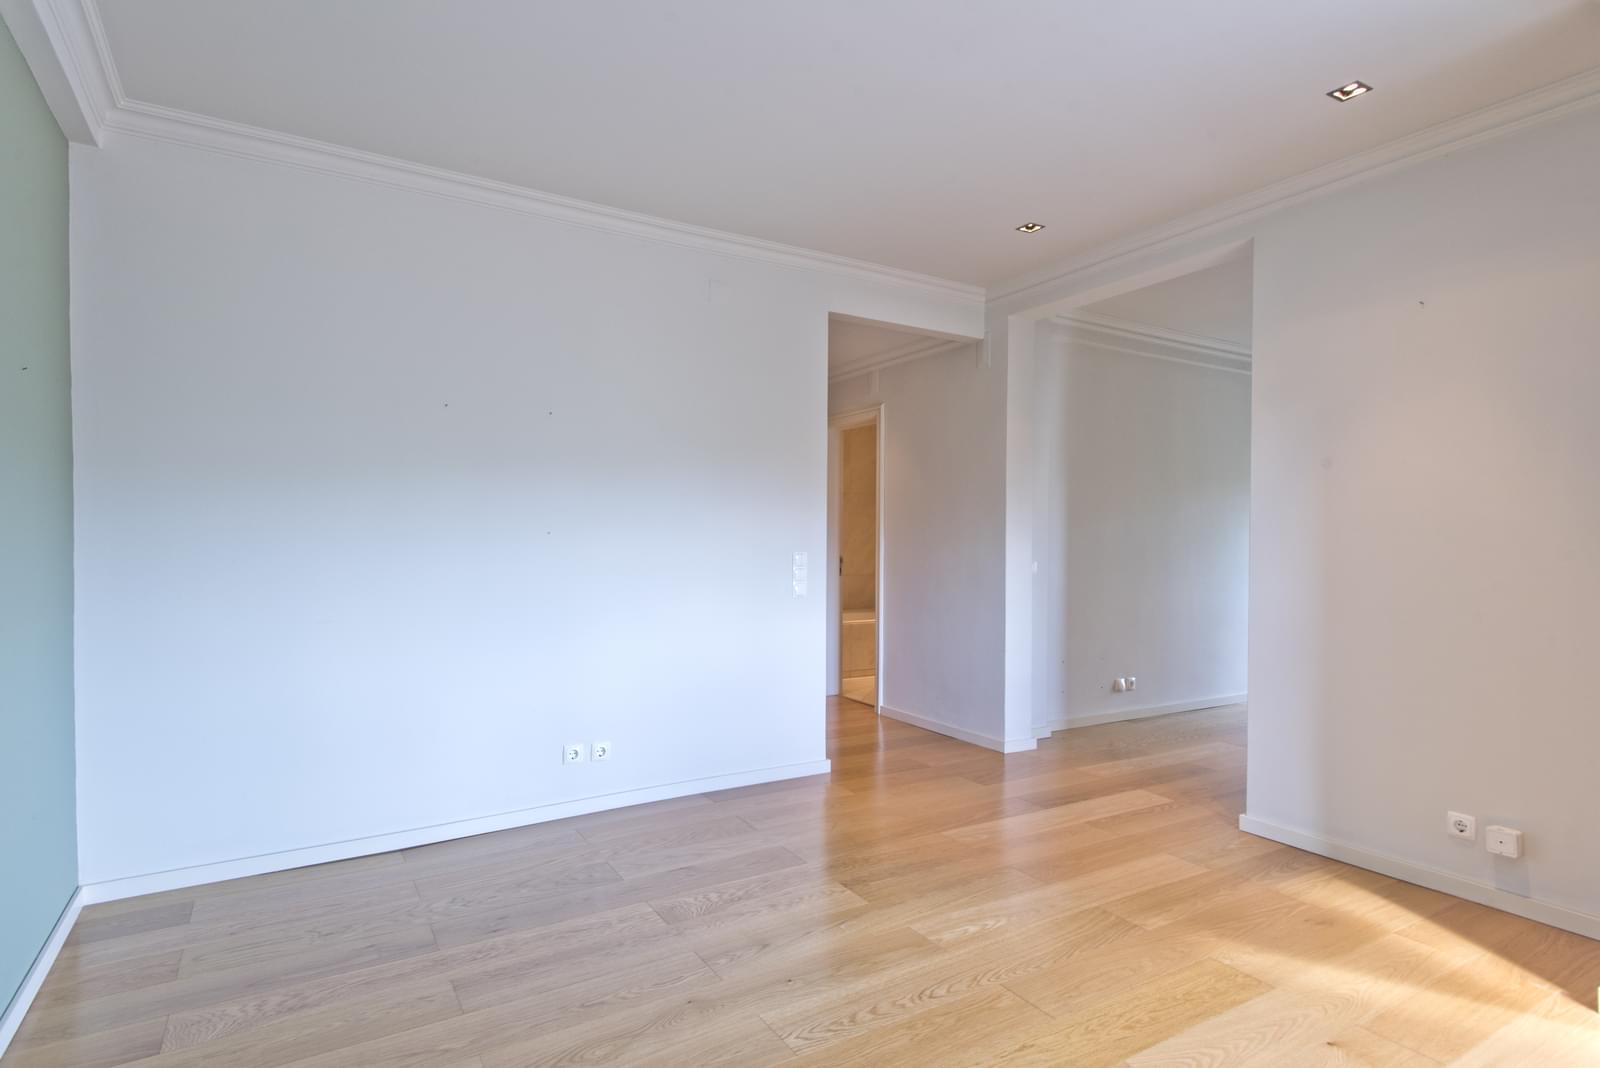 pf17006-apartamento-t1-cascais-5c80b779-8bc8-44e2-87b2-72c5f3e78fb3